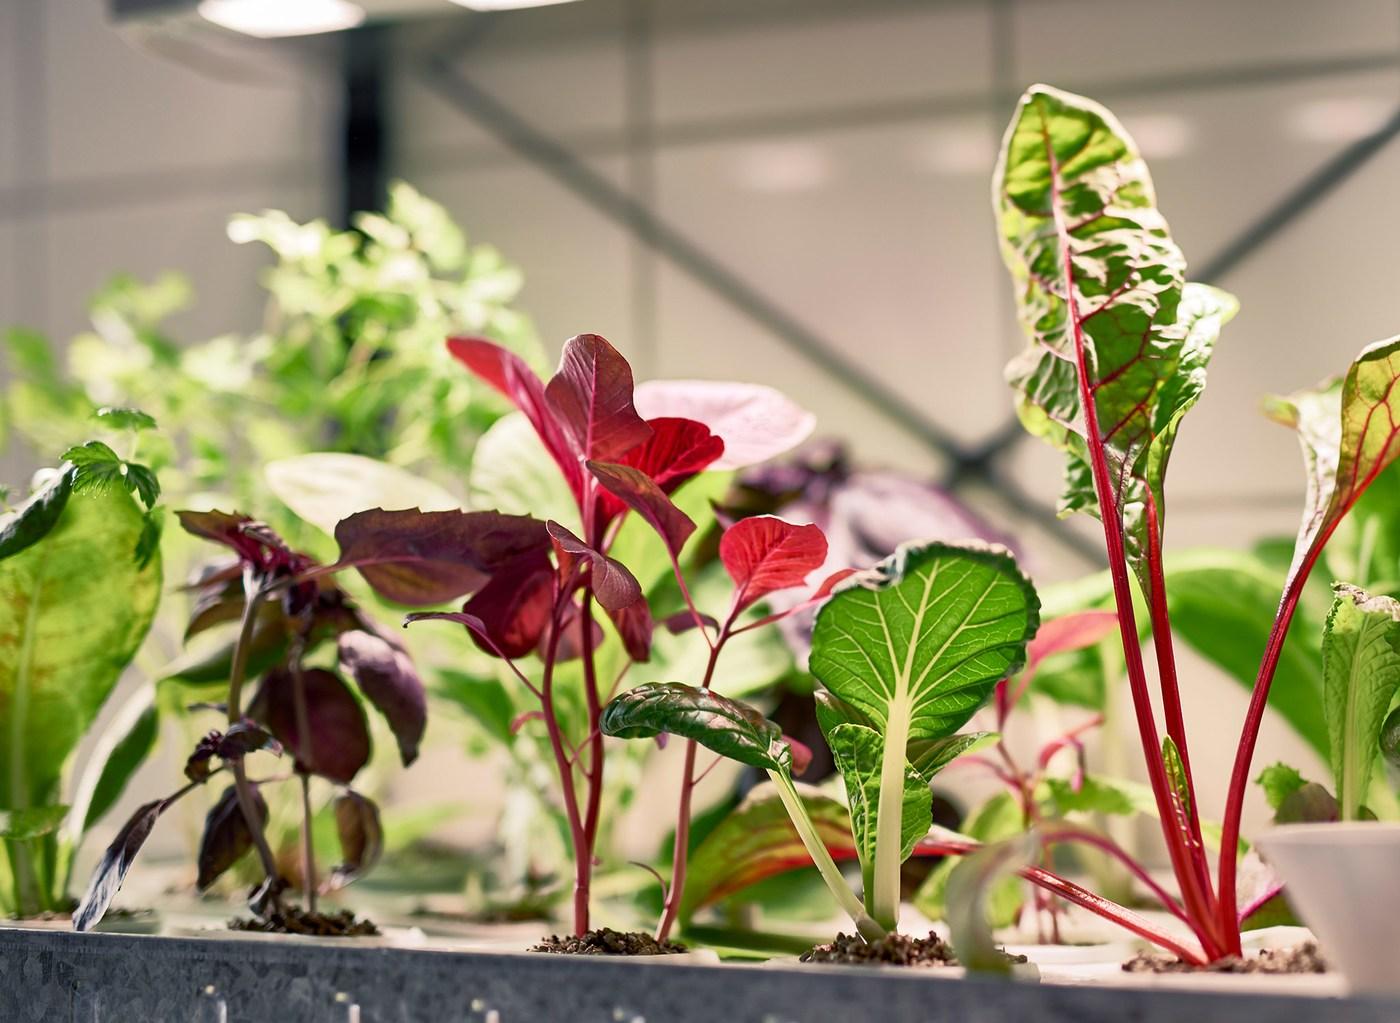 Herbes et laitues vertes et rouges cultivées en hydroponie.